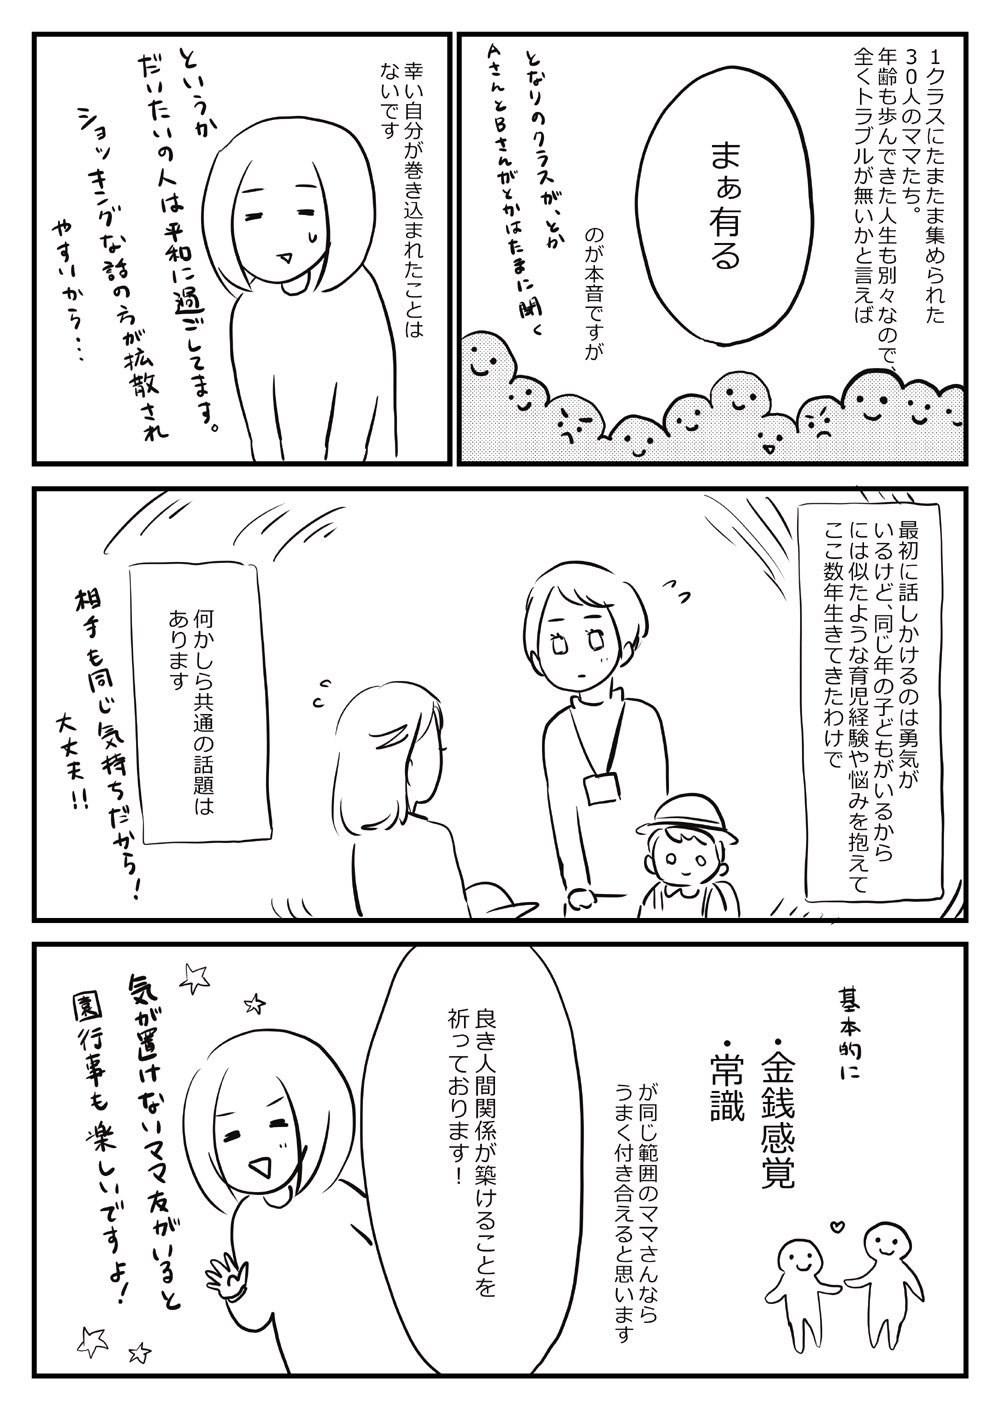 ドロドロしてる?イジメがある? 「ママ友の実態」を描いた漫画